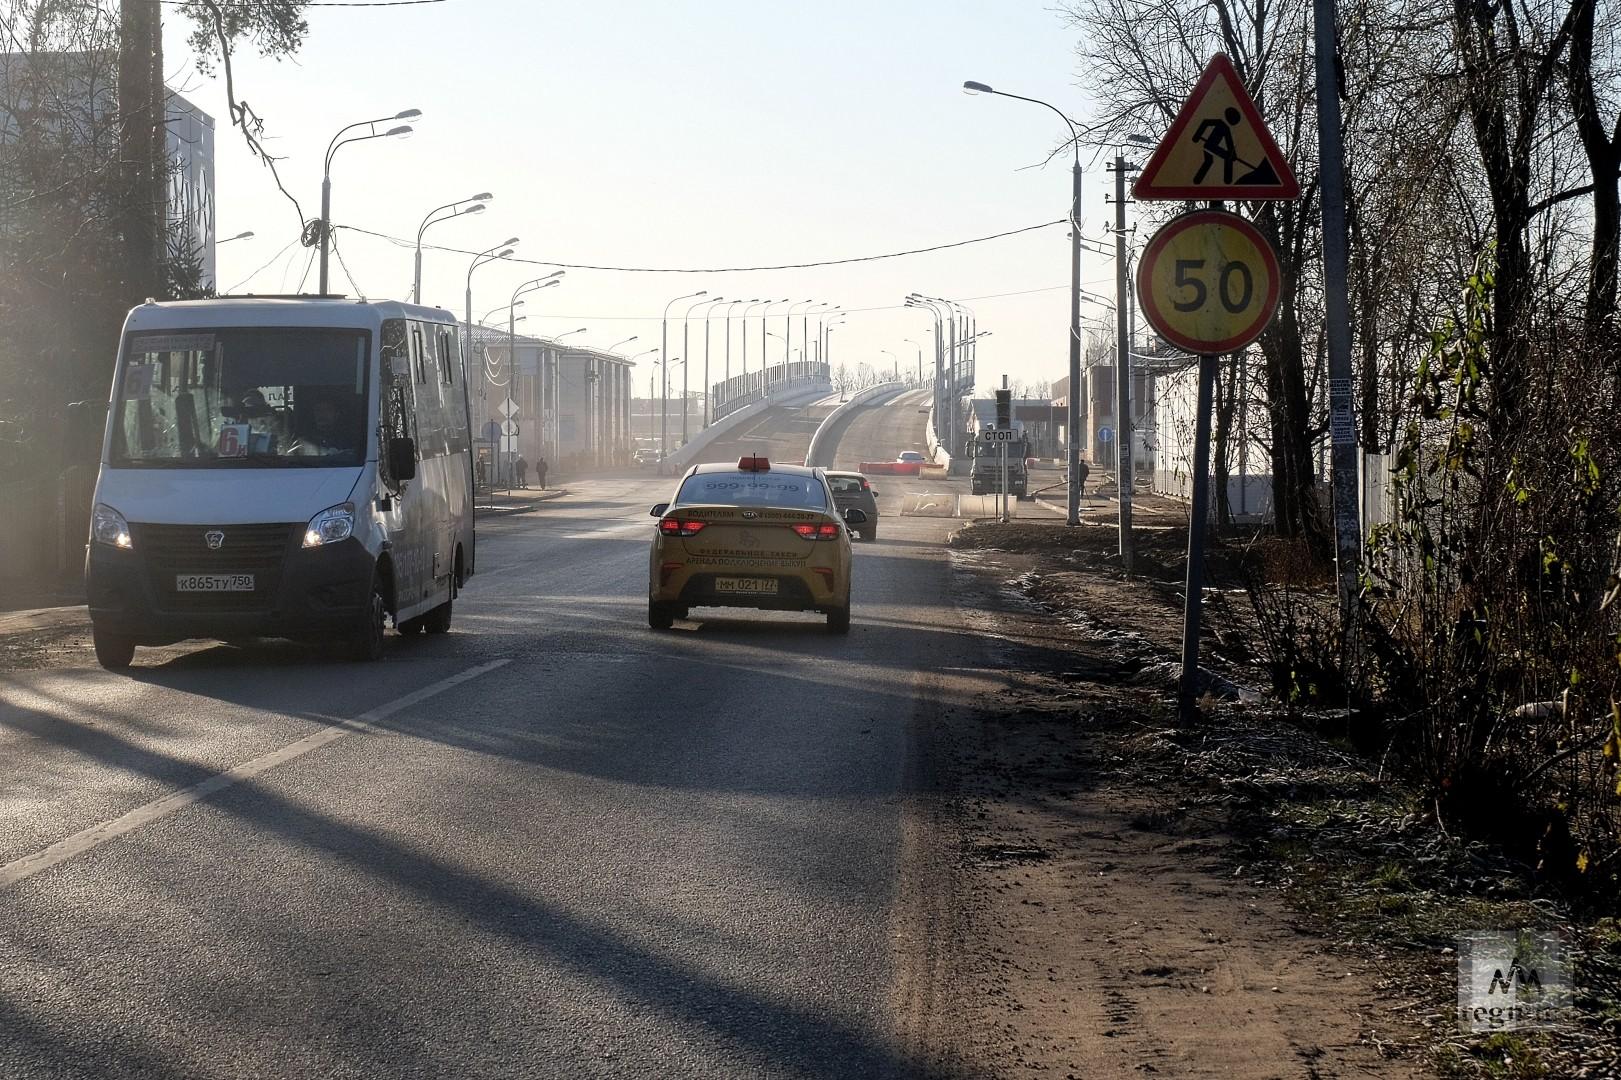 Разинское шоссе перед Салтыковской эстакадой